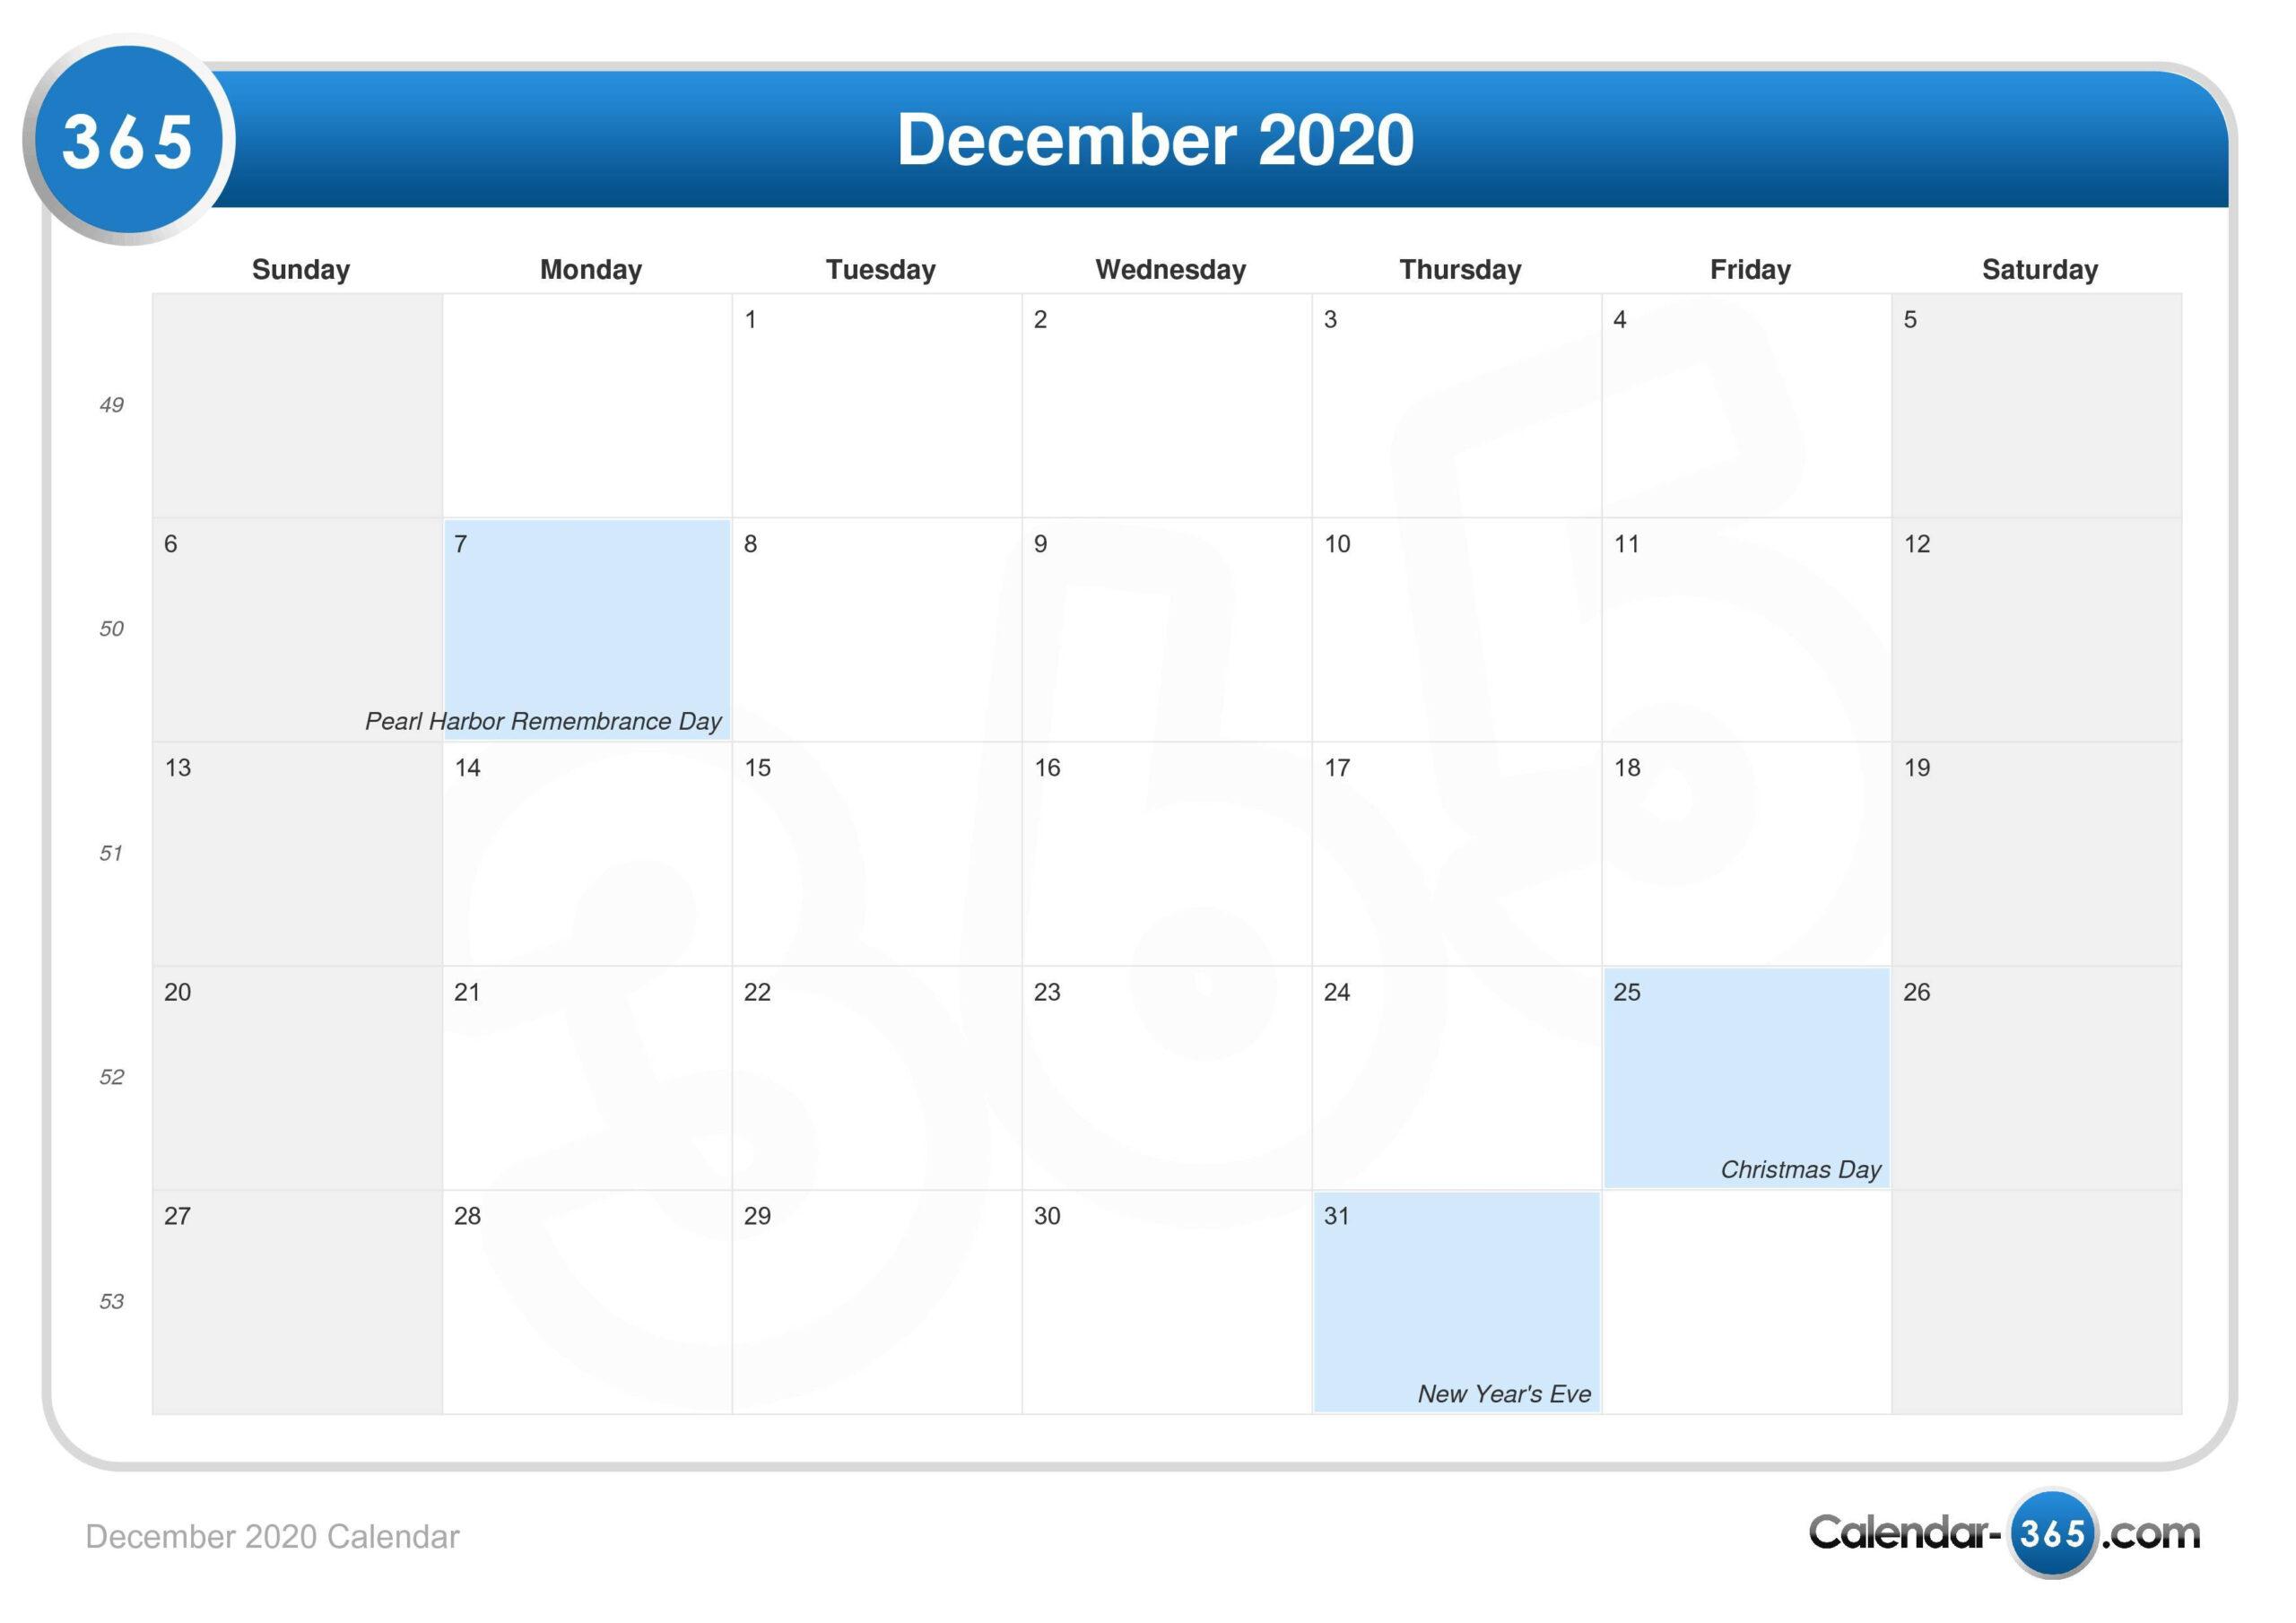 Dec 2020 Calendar   Free Printable Calendar for Are Daily Holiday Calendars Copyright